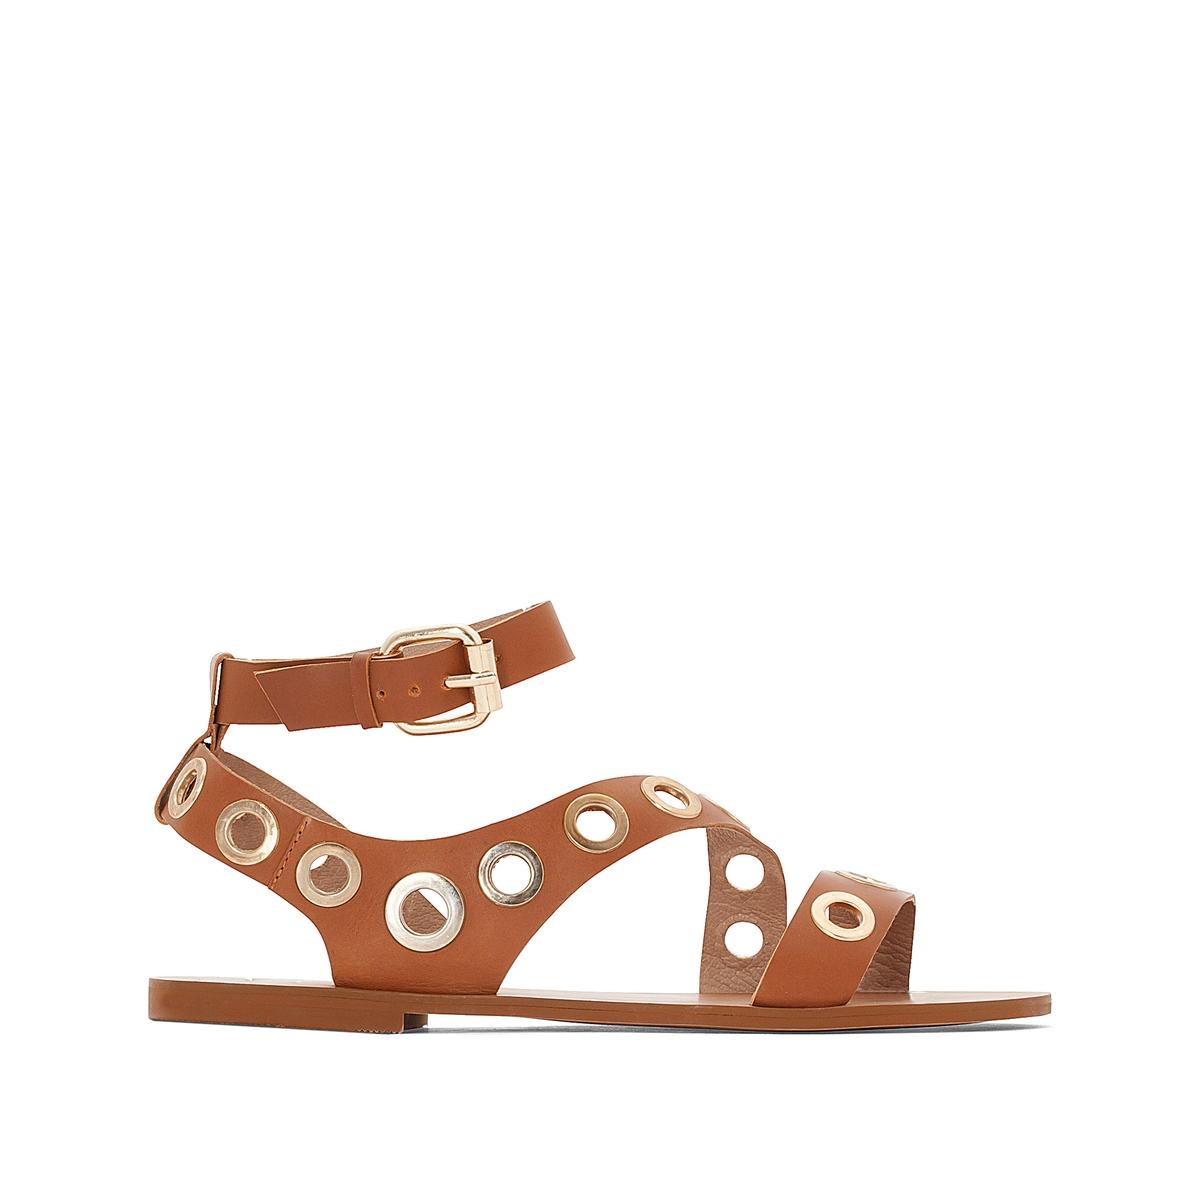 Босоножки кожаные с люверсами на плоском каблуке сапоги кожаные на плоском каблуке 1137